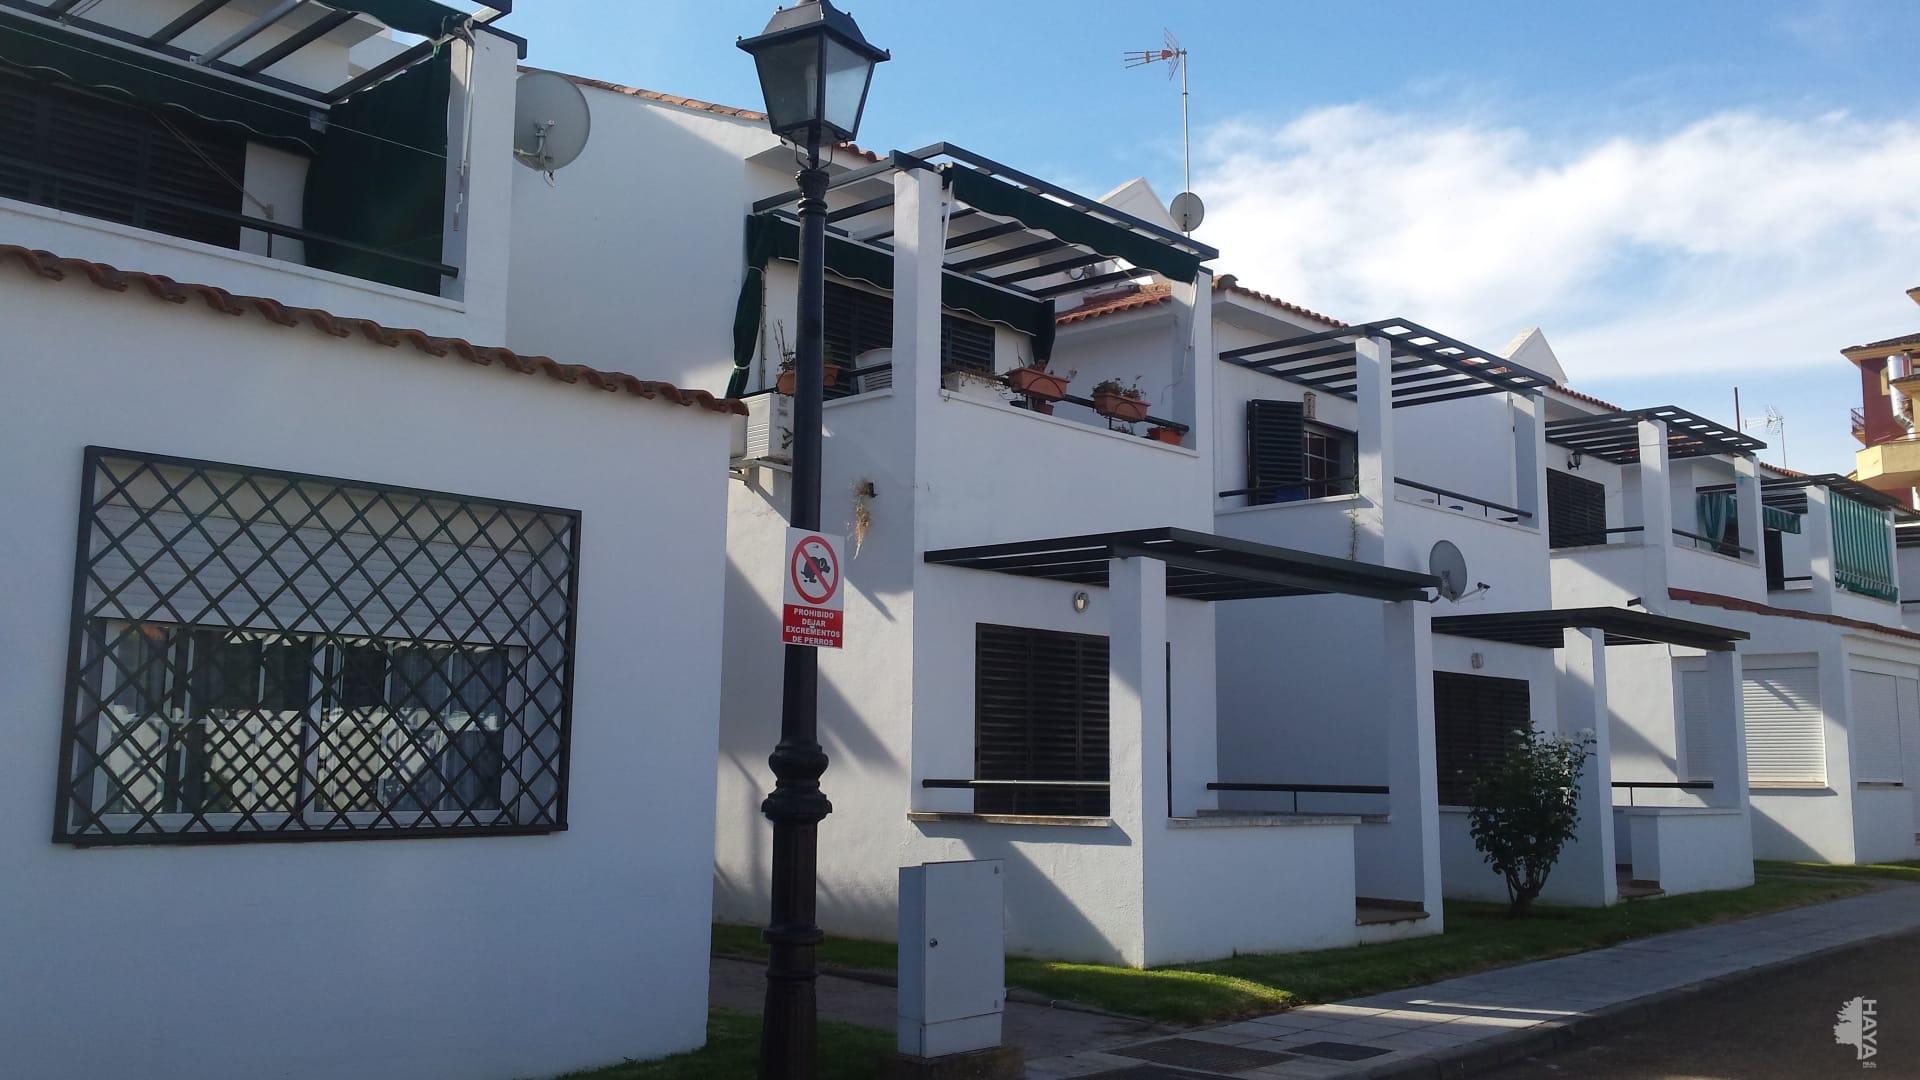 Piso en venta en Badajoz, Badajoz, Calle Golf del Guadiana, 93.439 €, 1 habitación, 1 baño, 58 m2